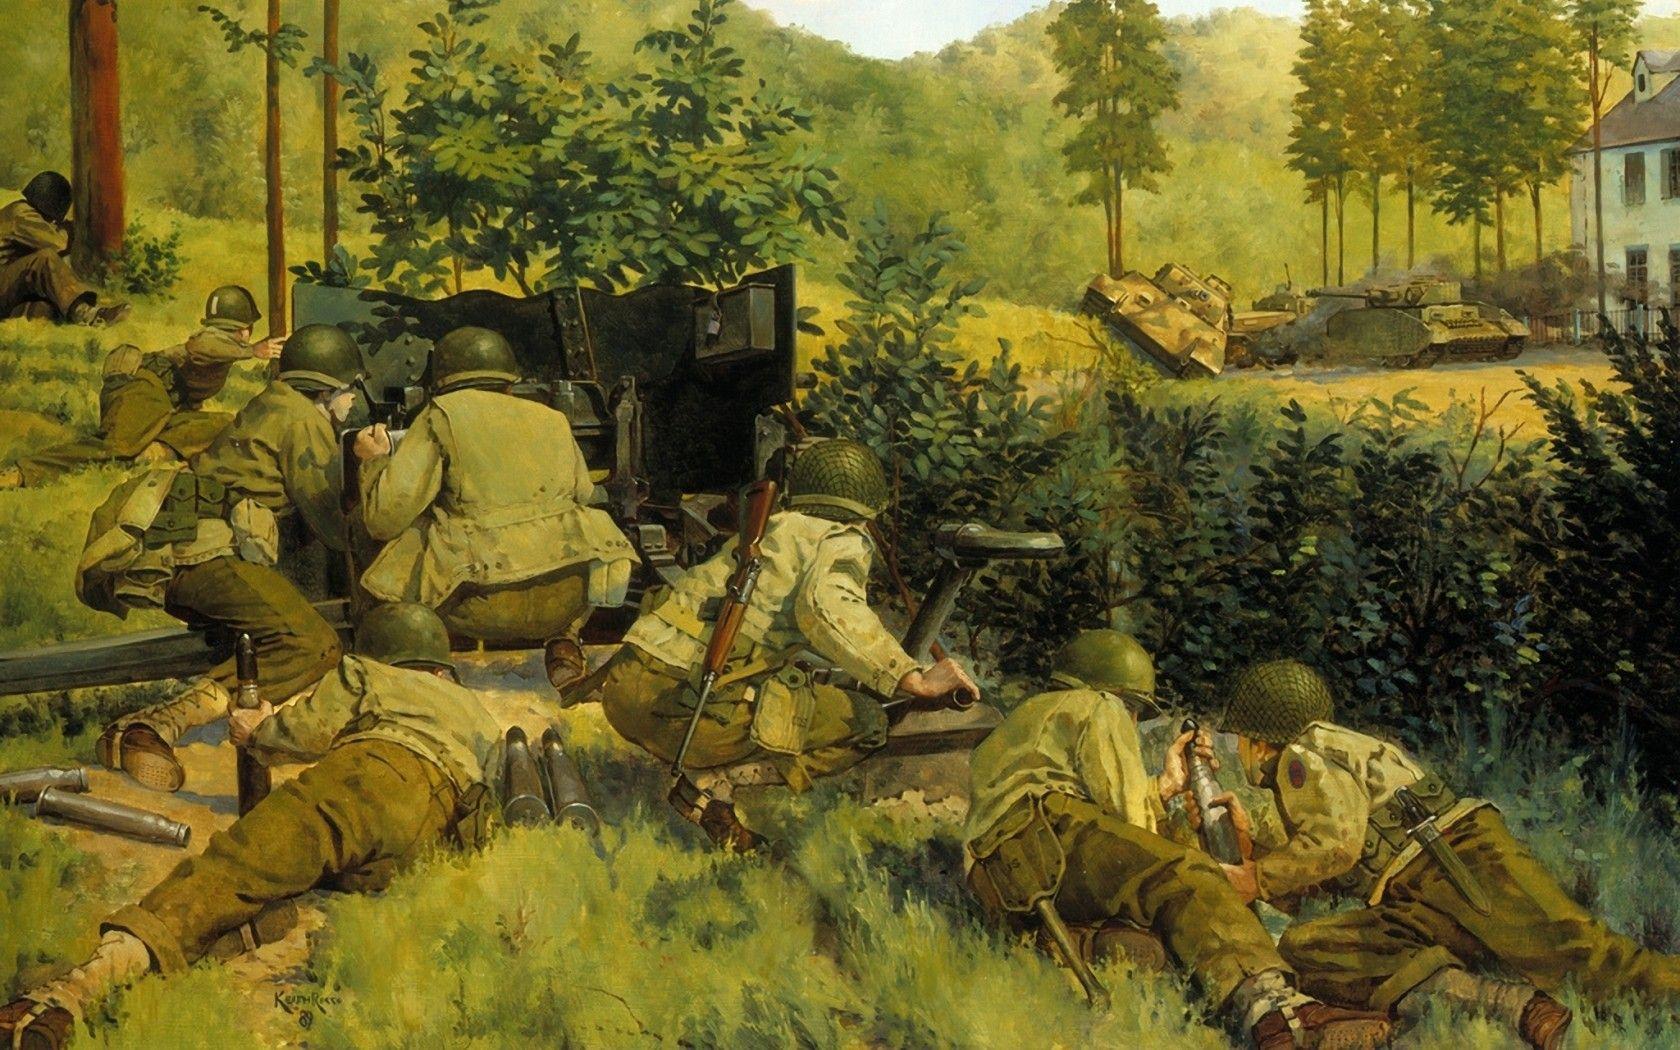 представлении военная живопись картинки фотография стене всегда